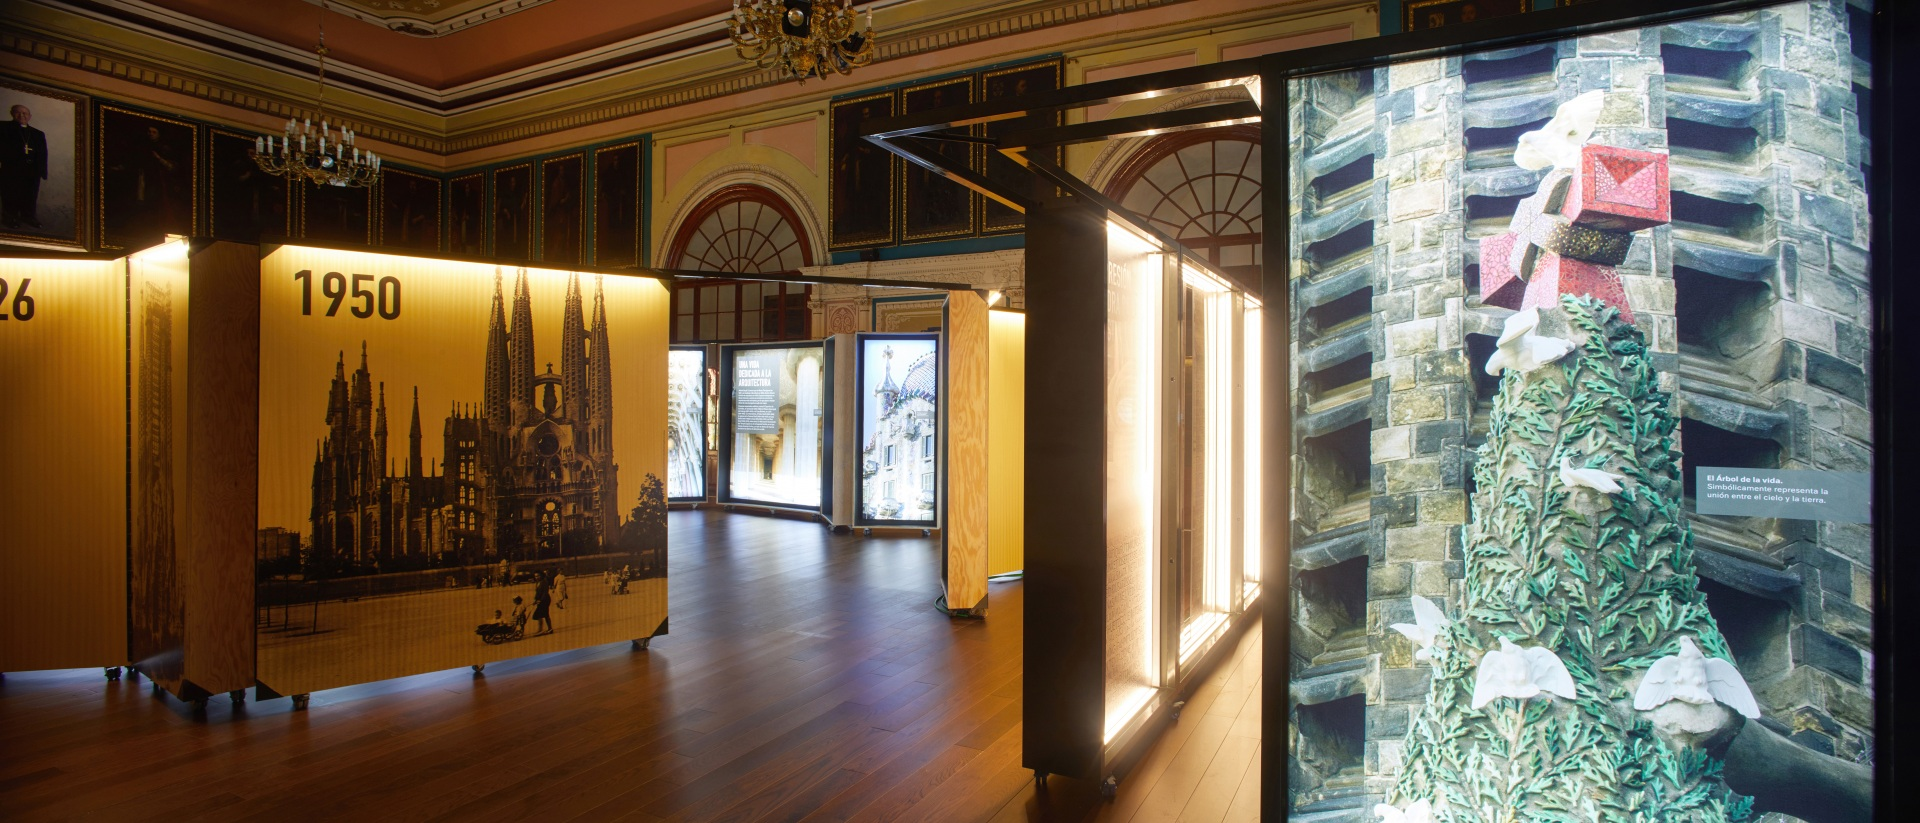 Exposición Gaudí Sagrada Familia. Imágenes del edificio en cajas iluminadas y madera. En sala antigua.